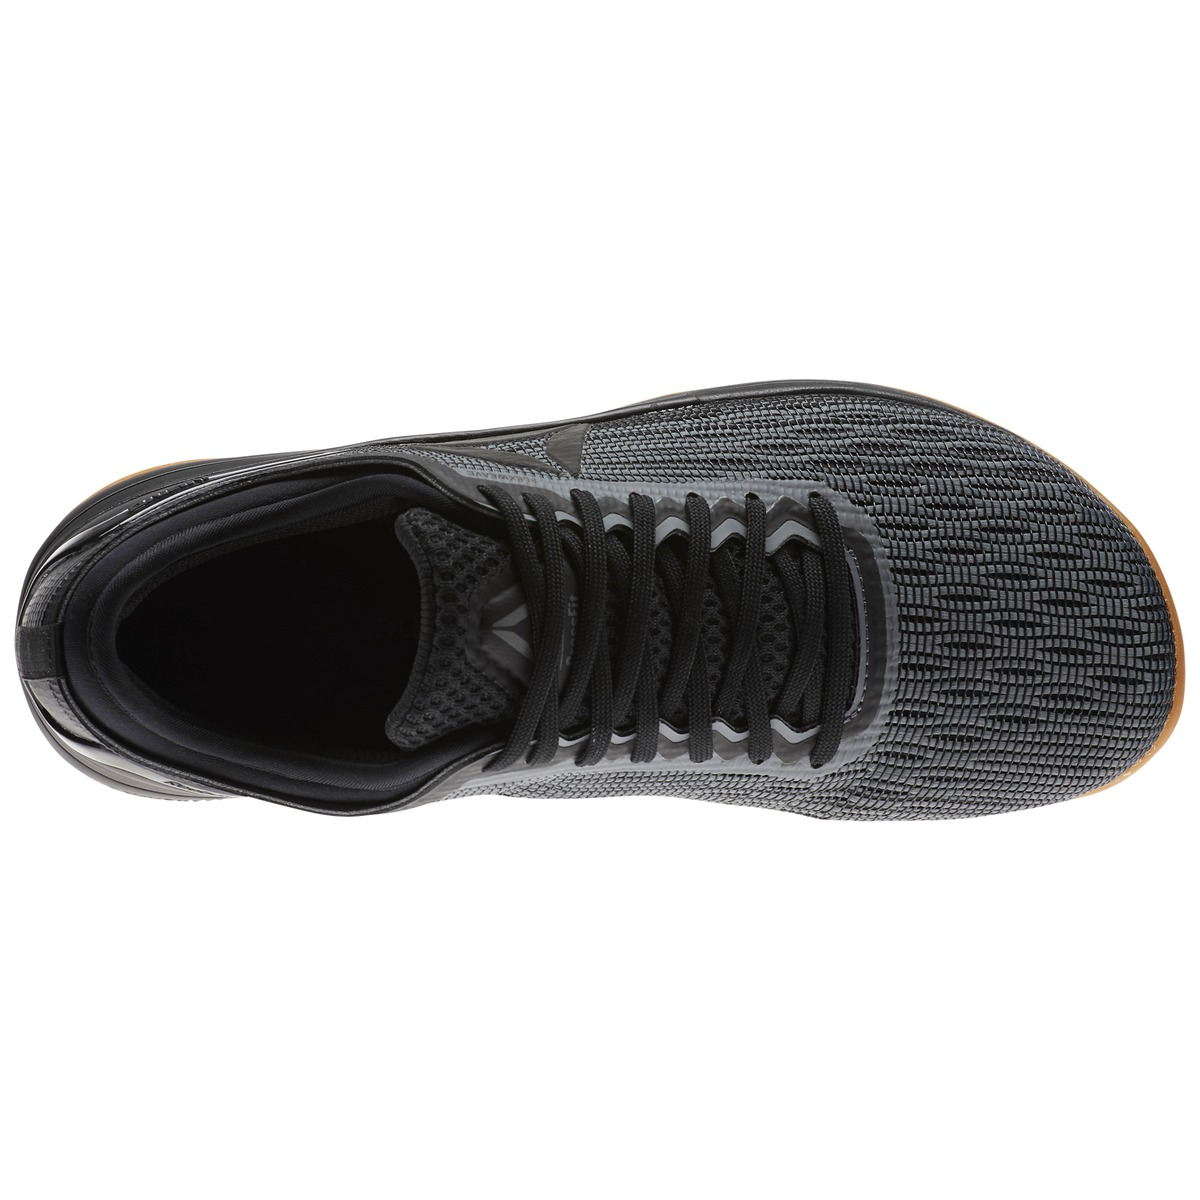 Reebok CROSSFIT NANO 4.0 Schuhe Trainingsschuh Herren Damen